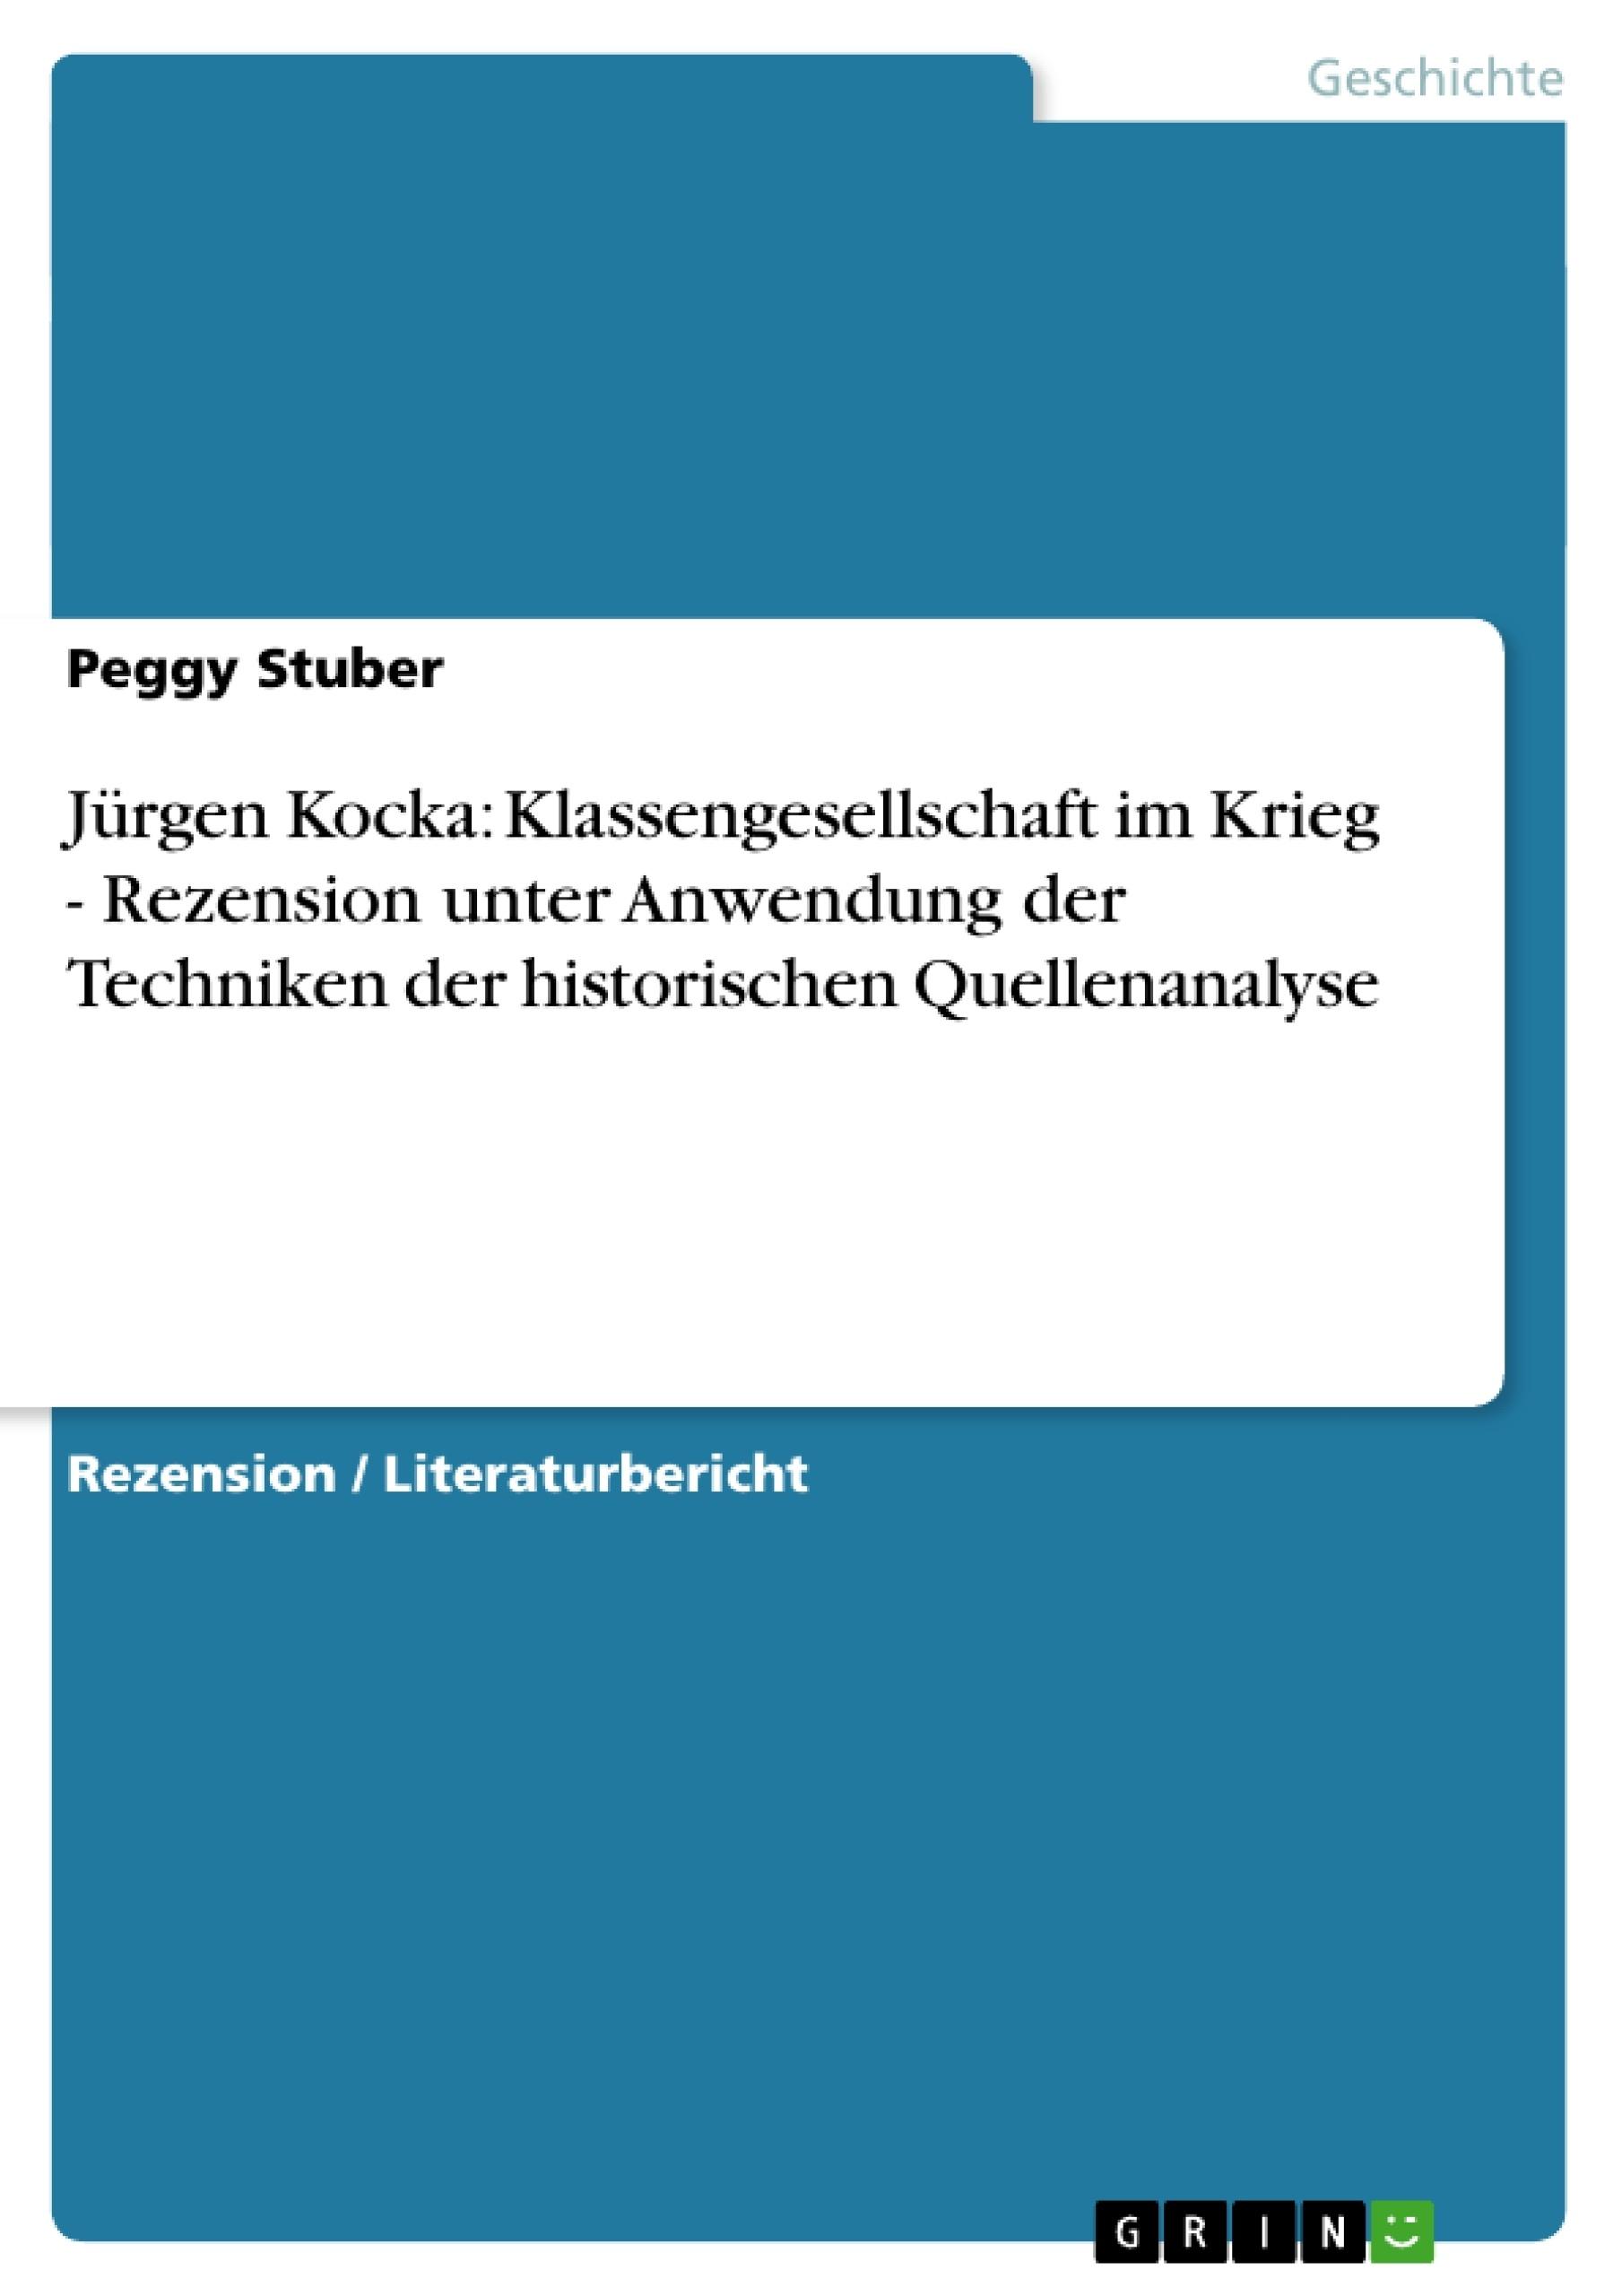 Titel: Jürgen Kocka: Klassengesellschaft im Krieg - Rezension unter Anwendung der Techniken der historischen Quellenanalyse